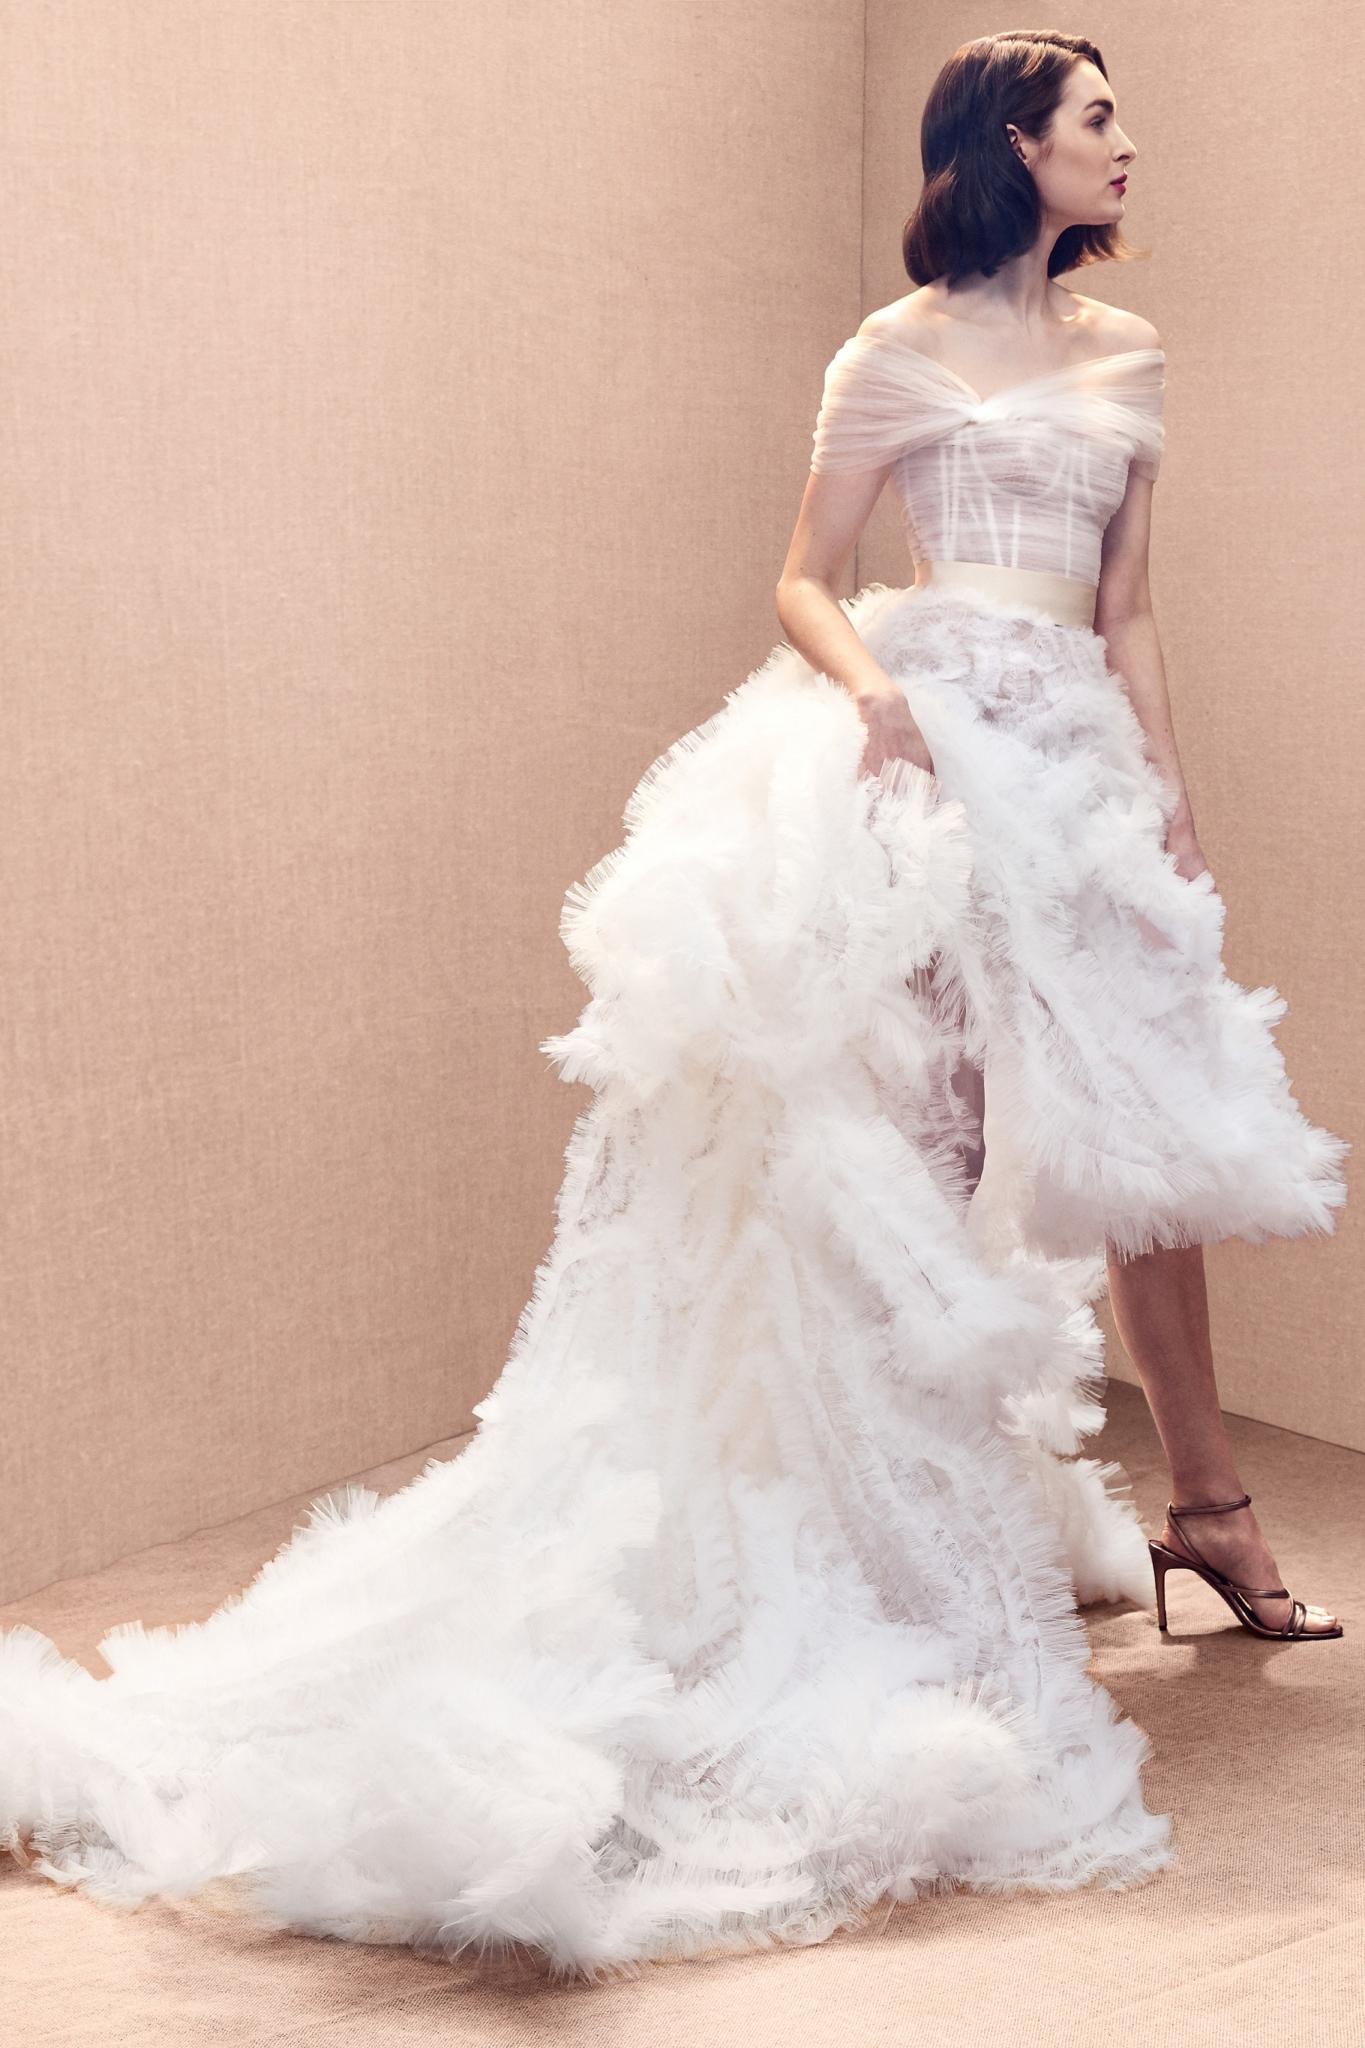 Oscar de la Renta Bridal Spring 2020